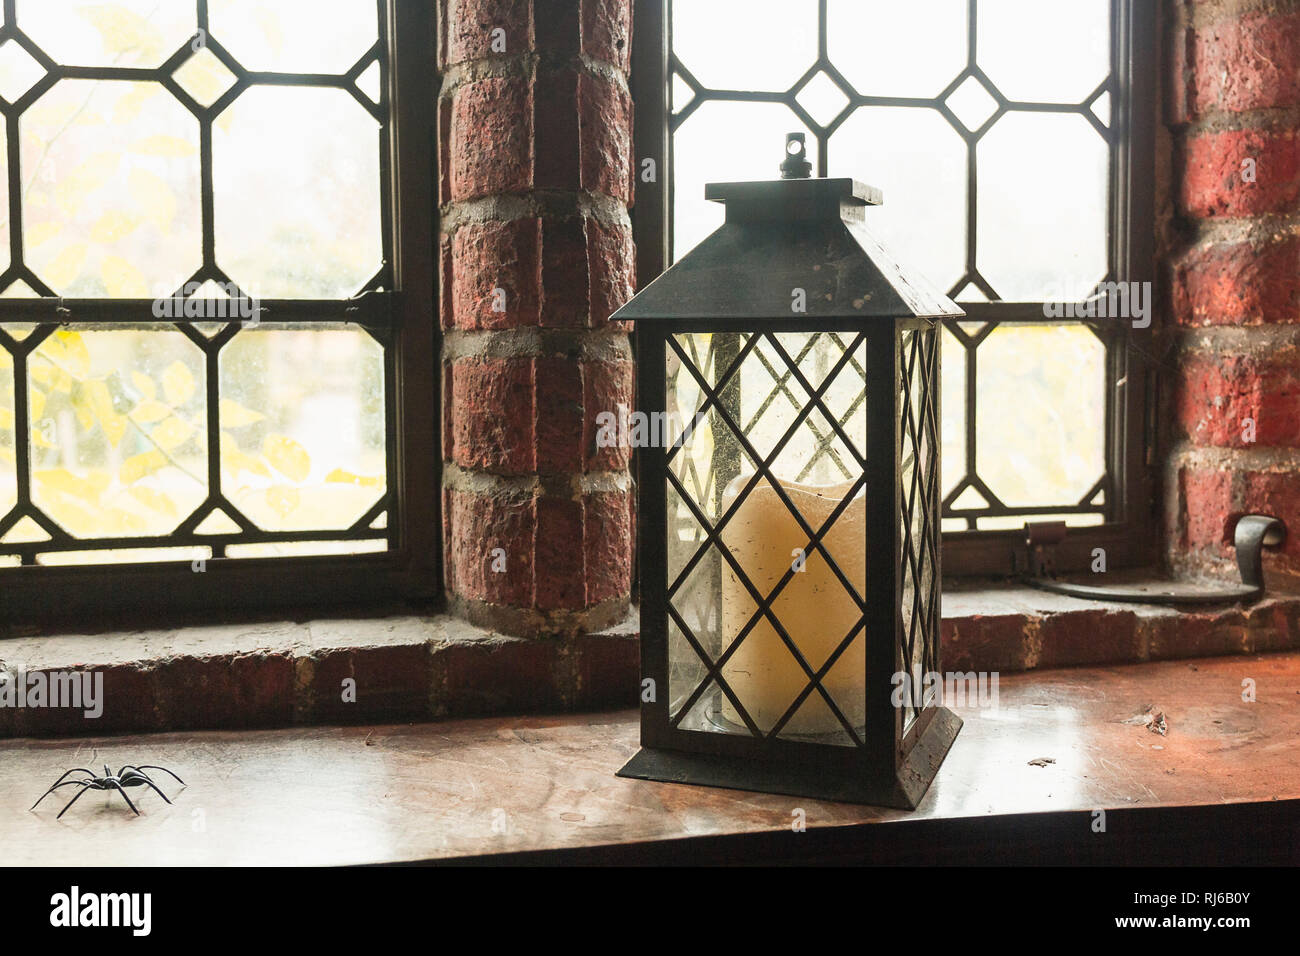 Alte Laterne mit einer Kerze steht vor einem mittelalterlichen Fenster, - Stock Image